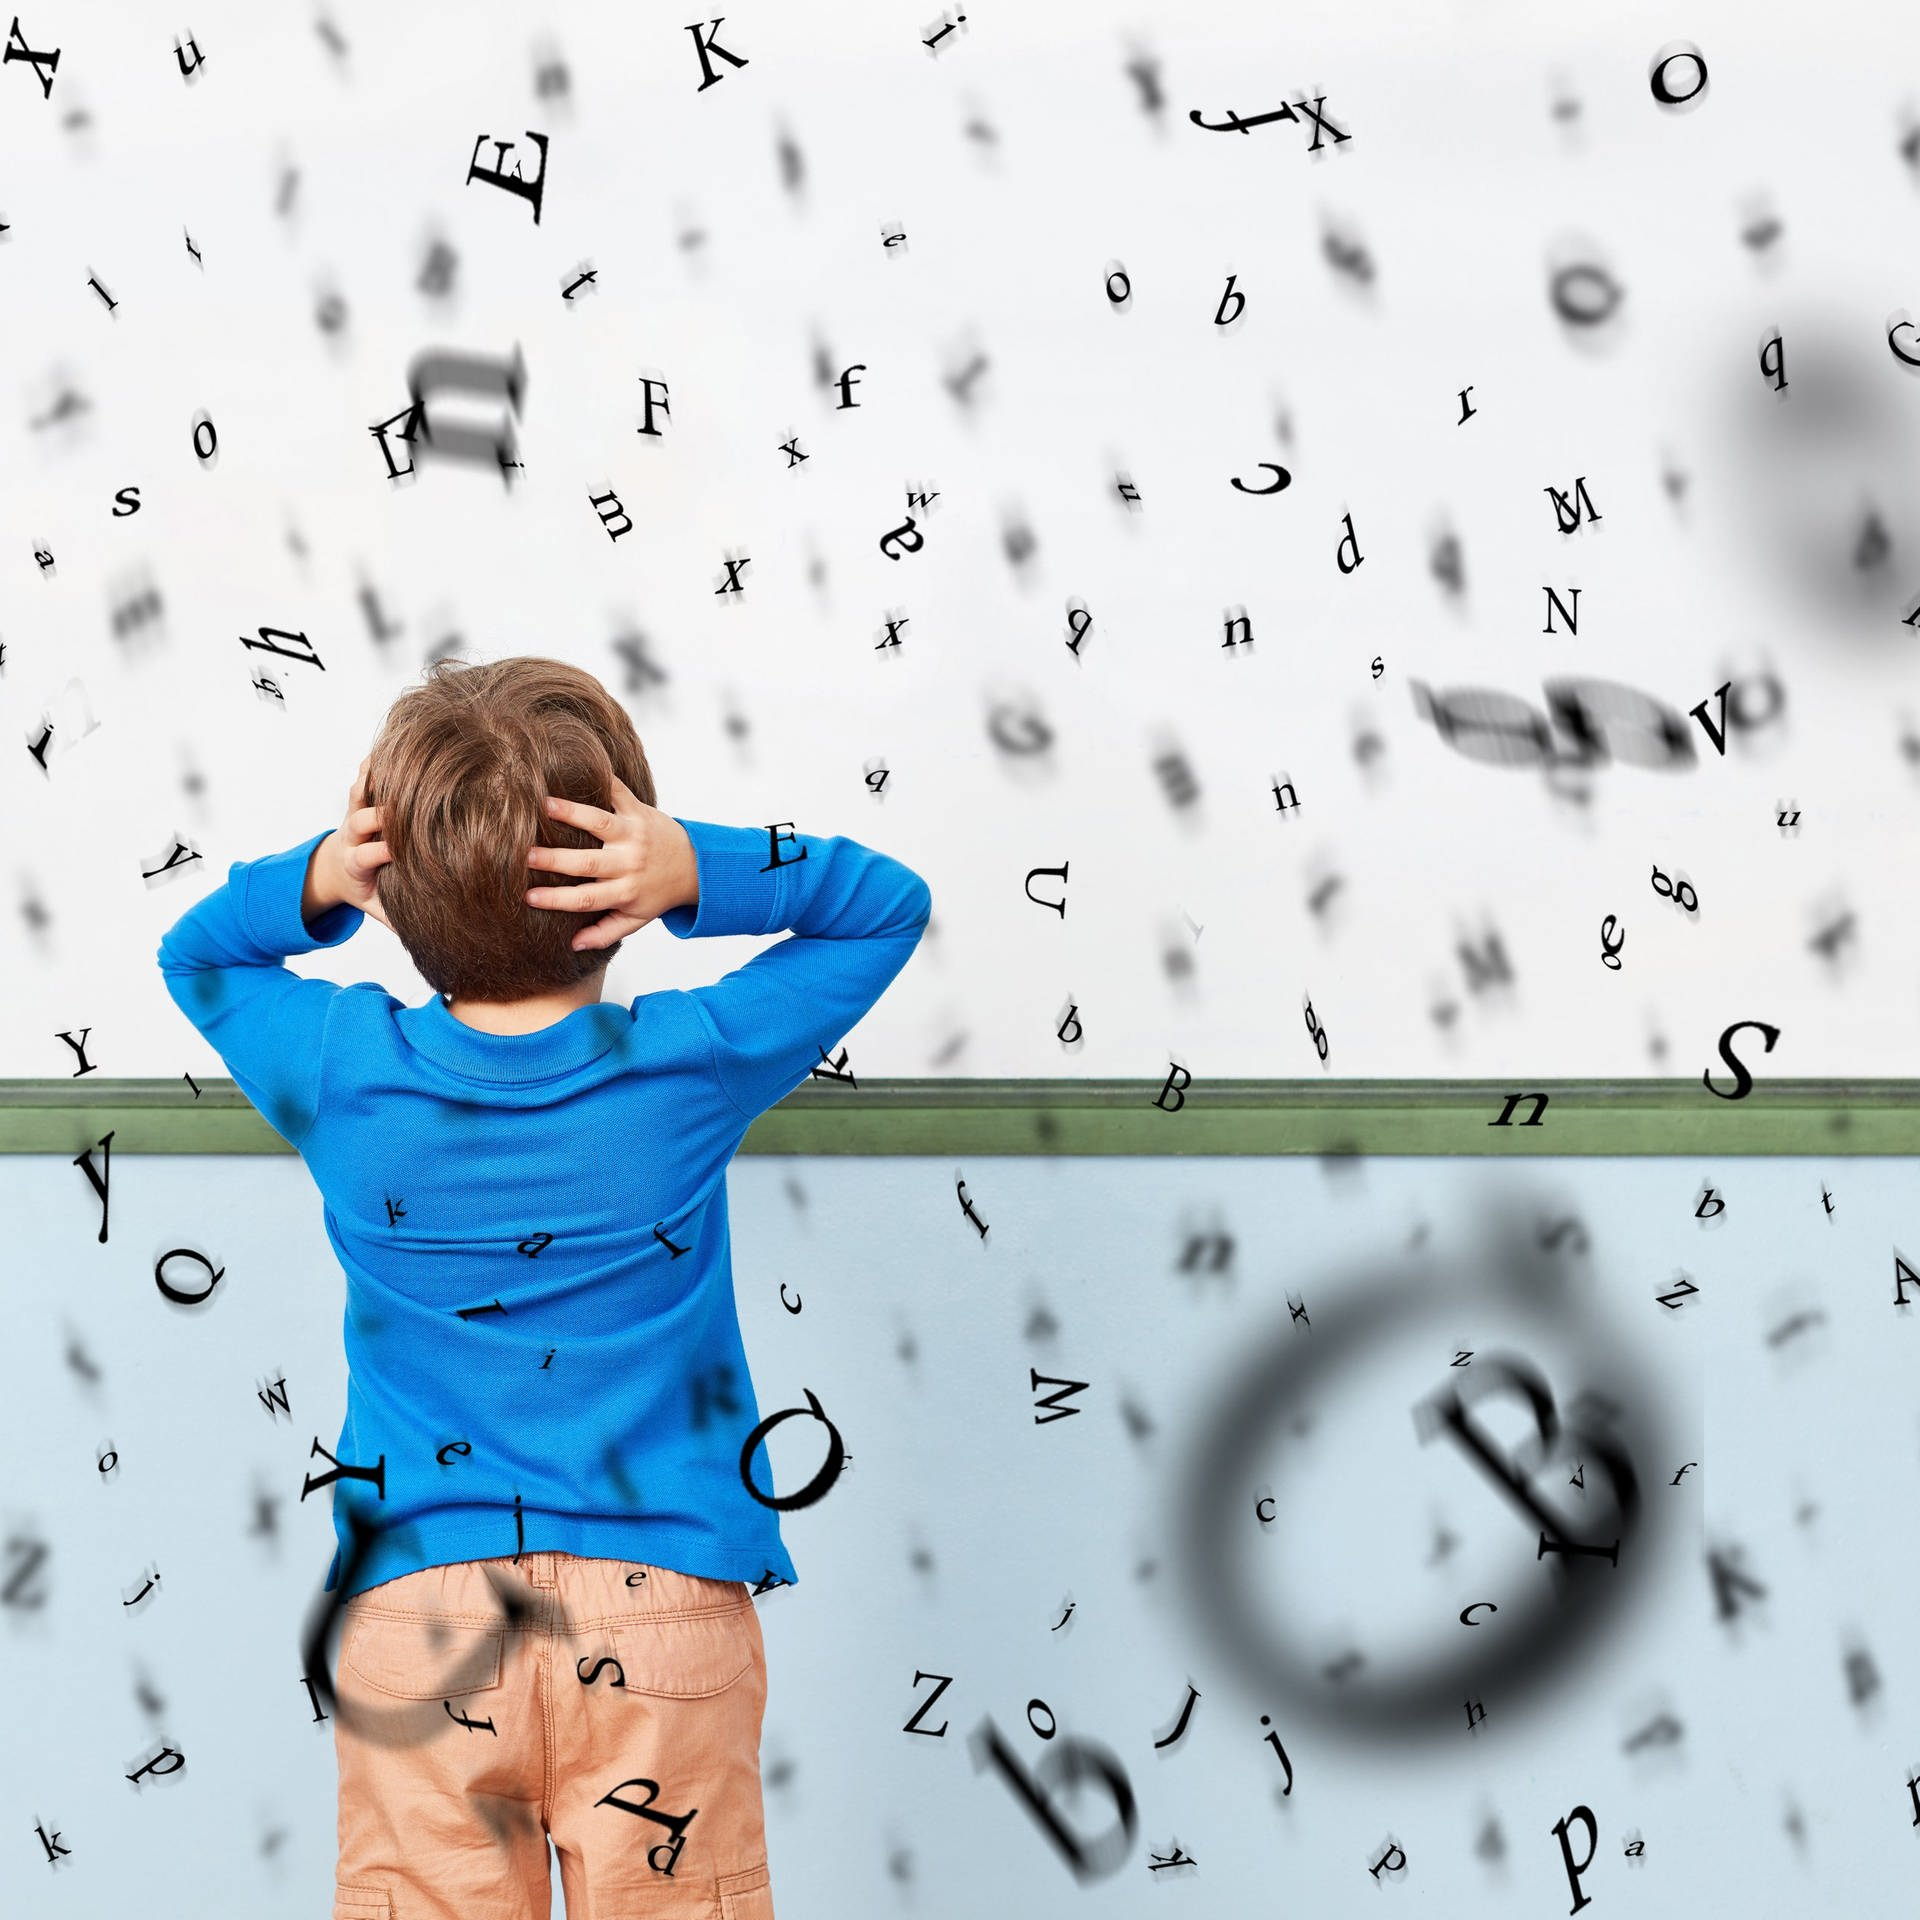 Kinder mit Legasthenie – Das Ringen mit den Buchstaben